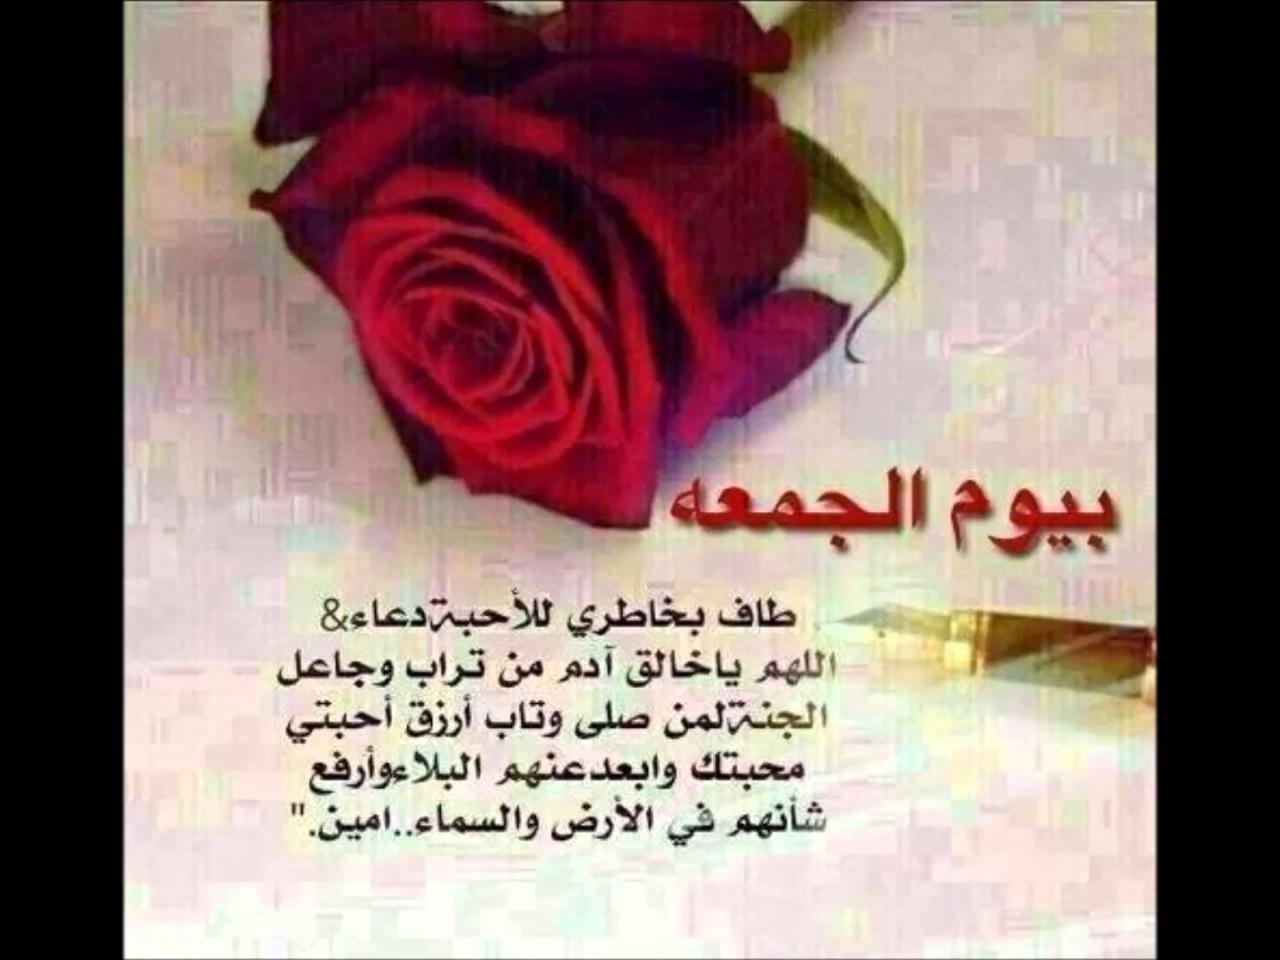 صورة صور تهاني الجمعه , اروع الصور للتهنئه بيوم الجمعه المبارك